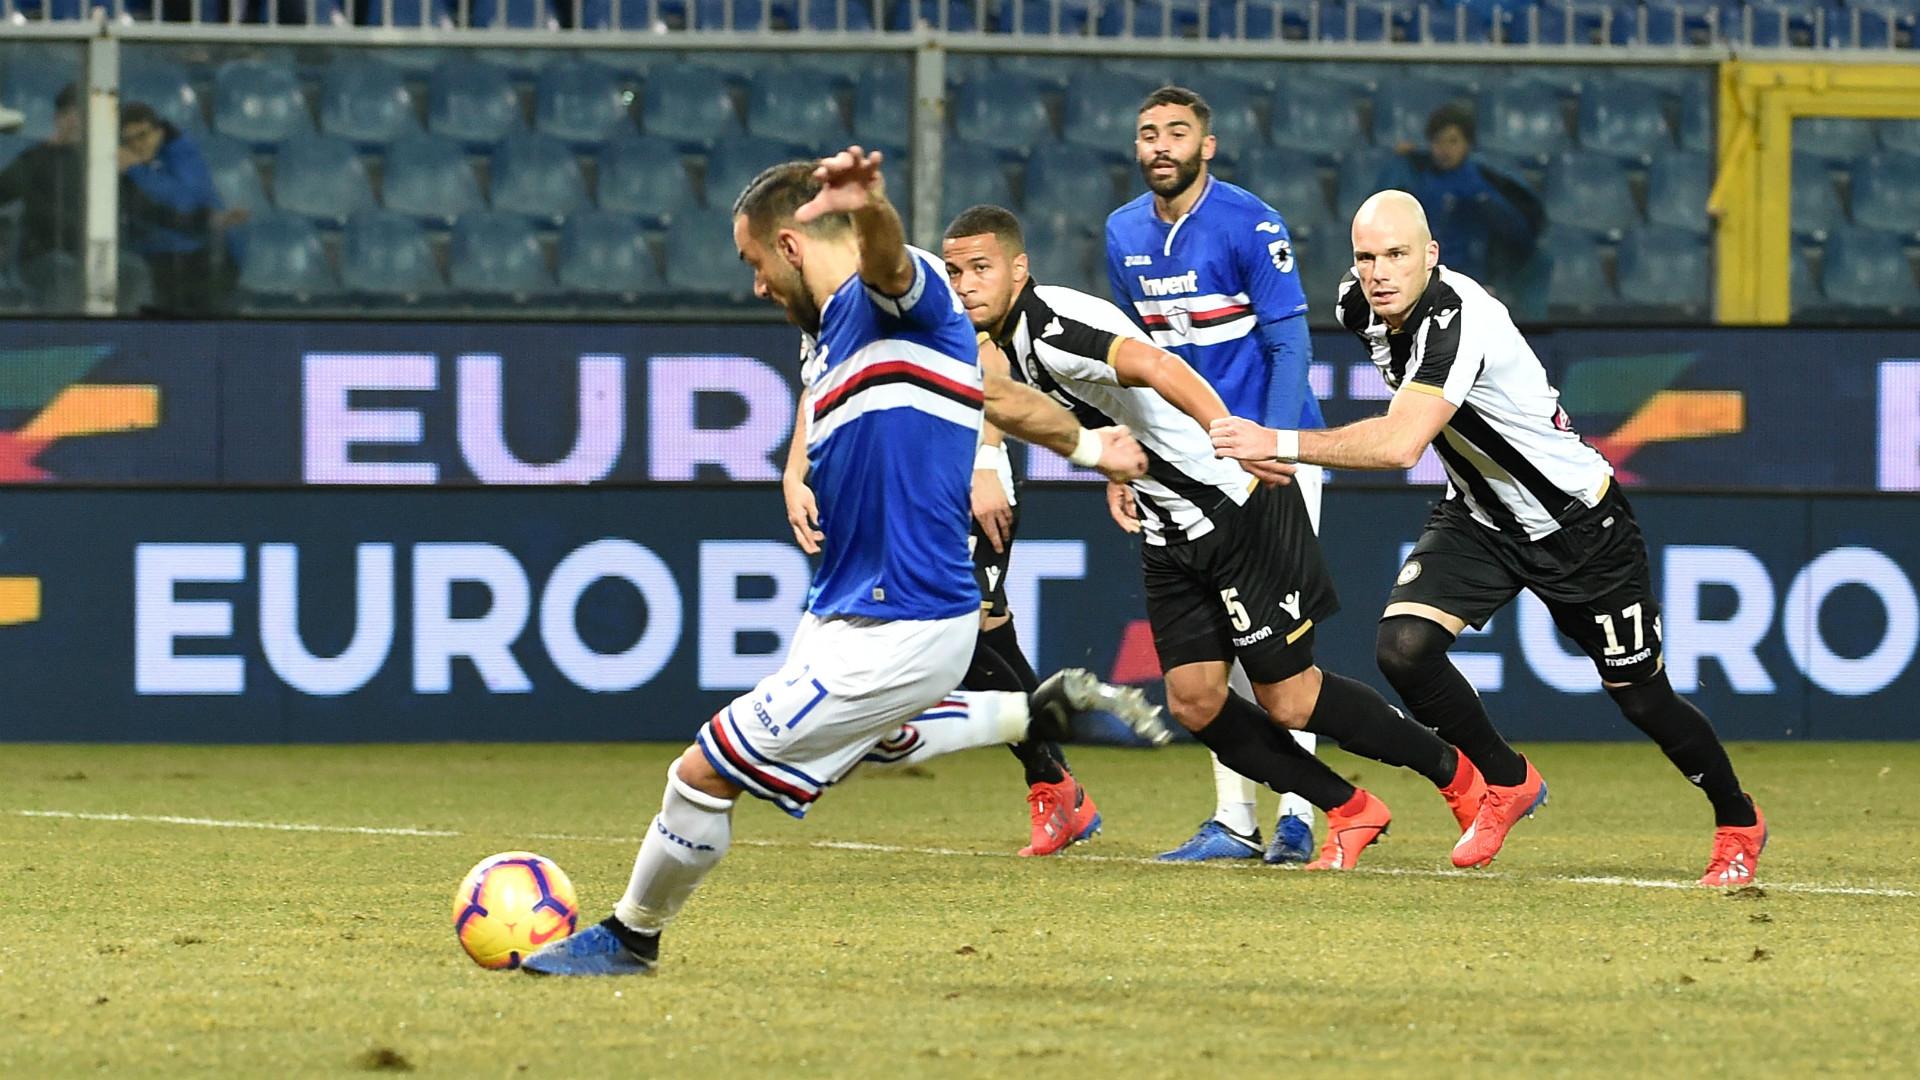 Quagliarella Sampdoria Udinese